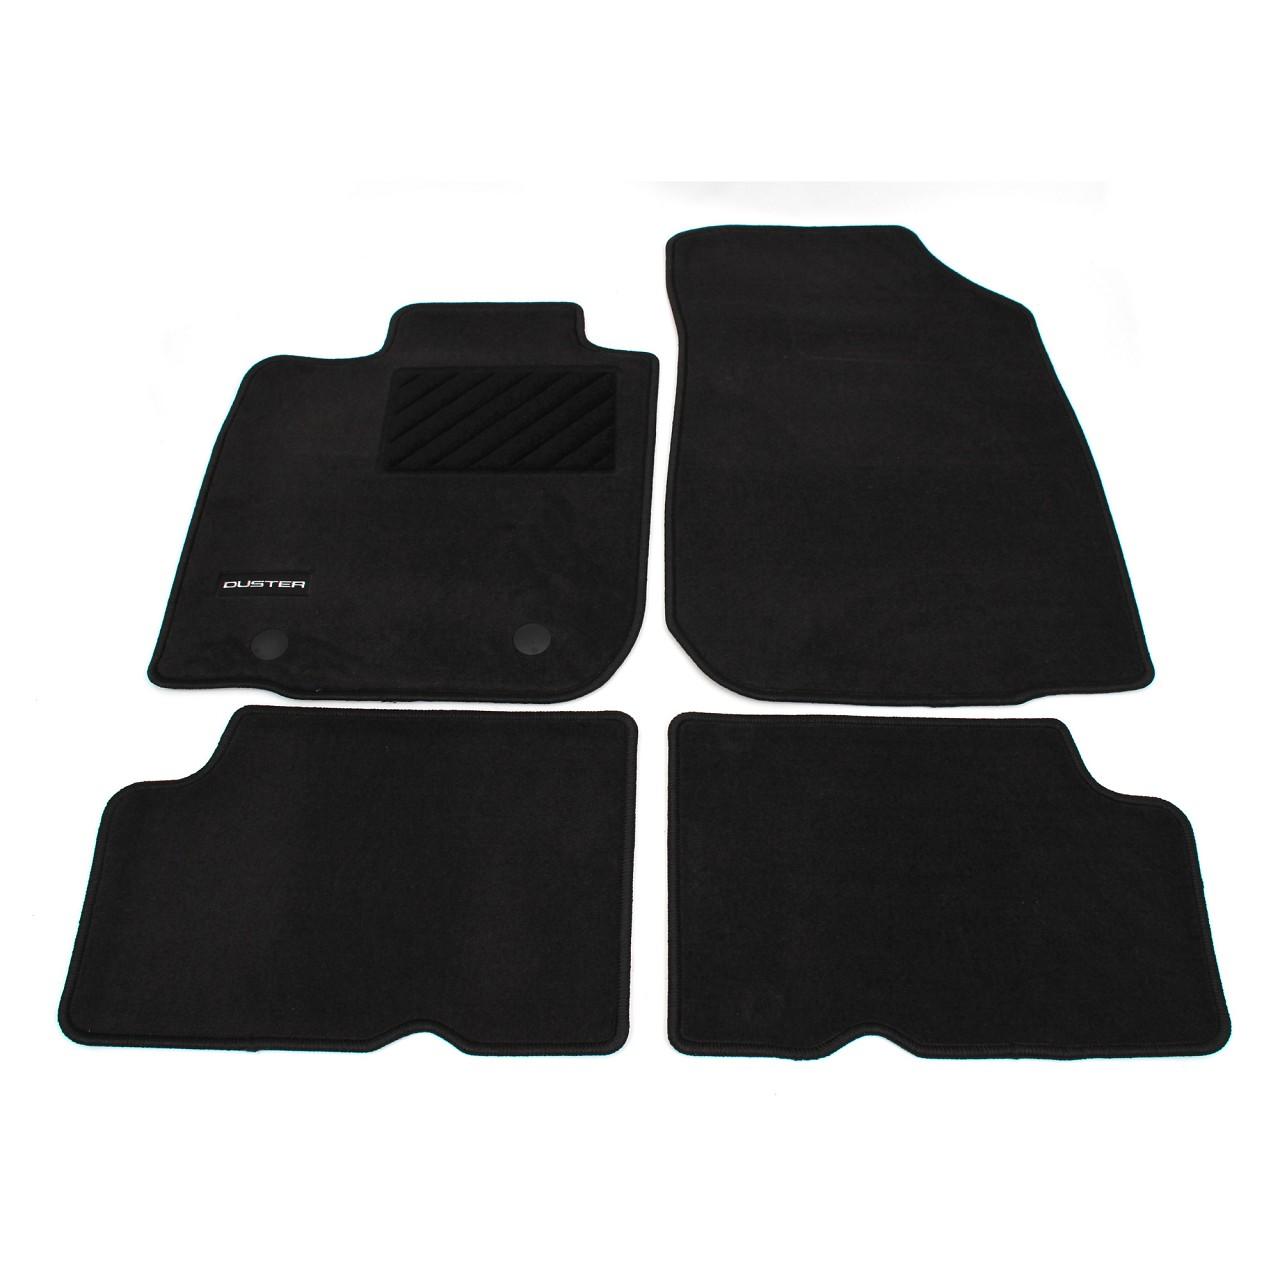 ORIGINAL Dacia Textilmatten Fußmatten Automatten Satz DUSTER 4-tlg 749027079R